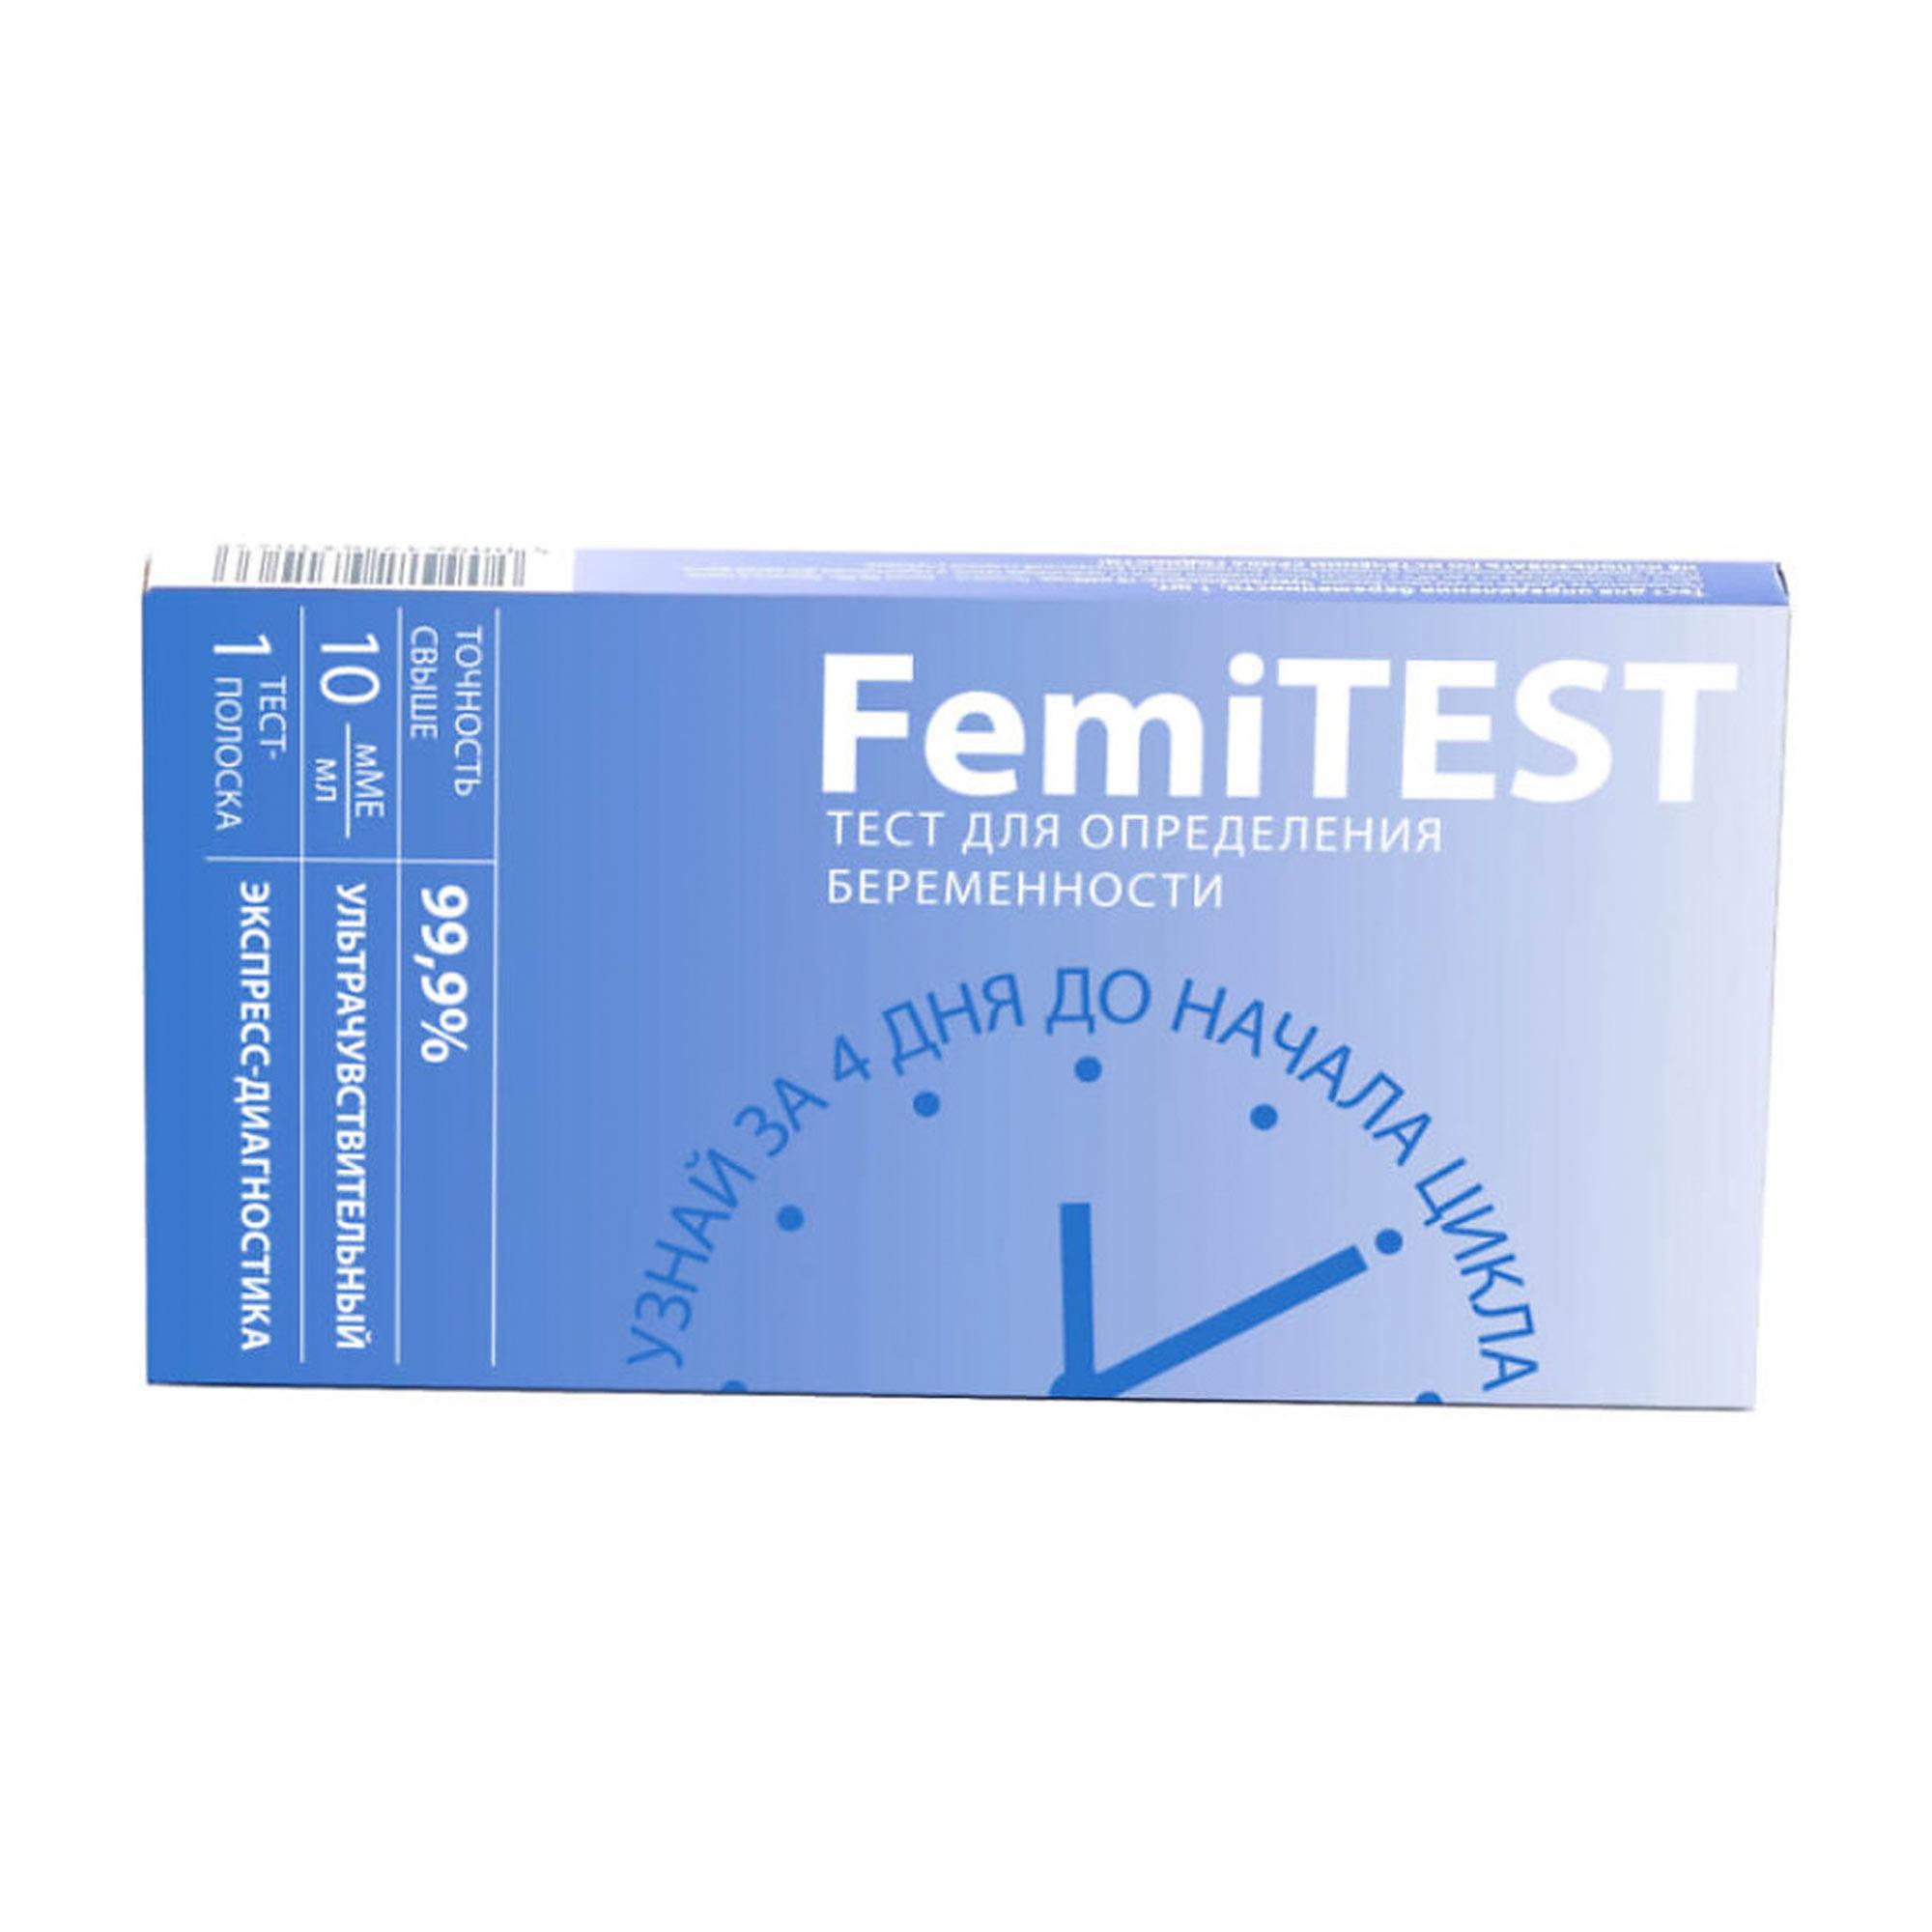 Тест для определения беременности Femitest ultra 1 шт